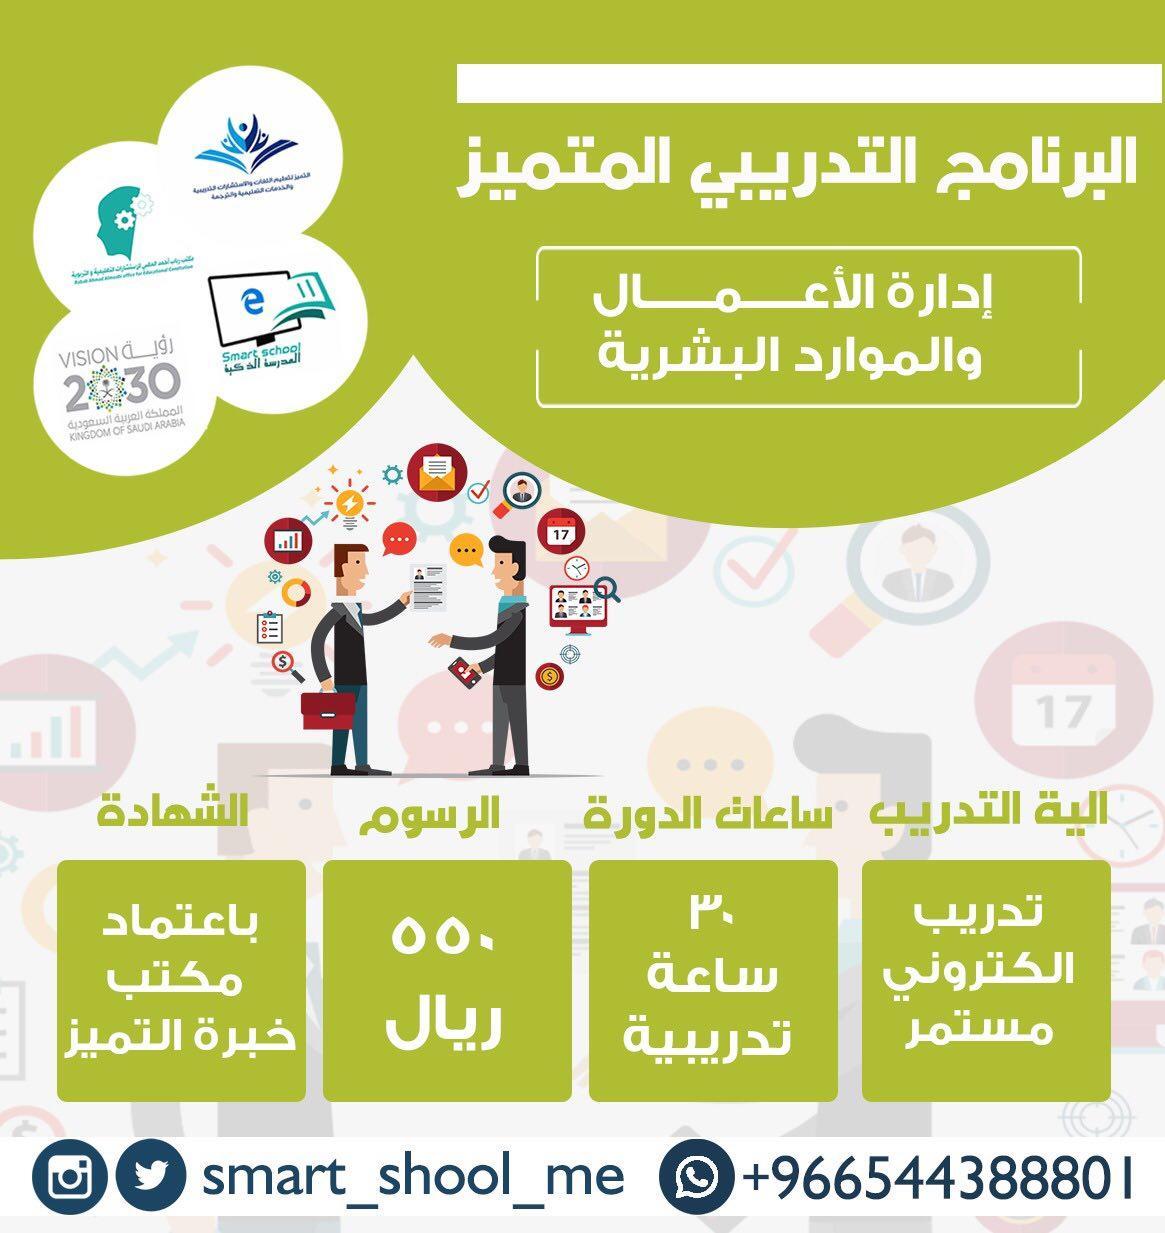 البرنامج التدريبي المتميز (إدارة الأعمال